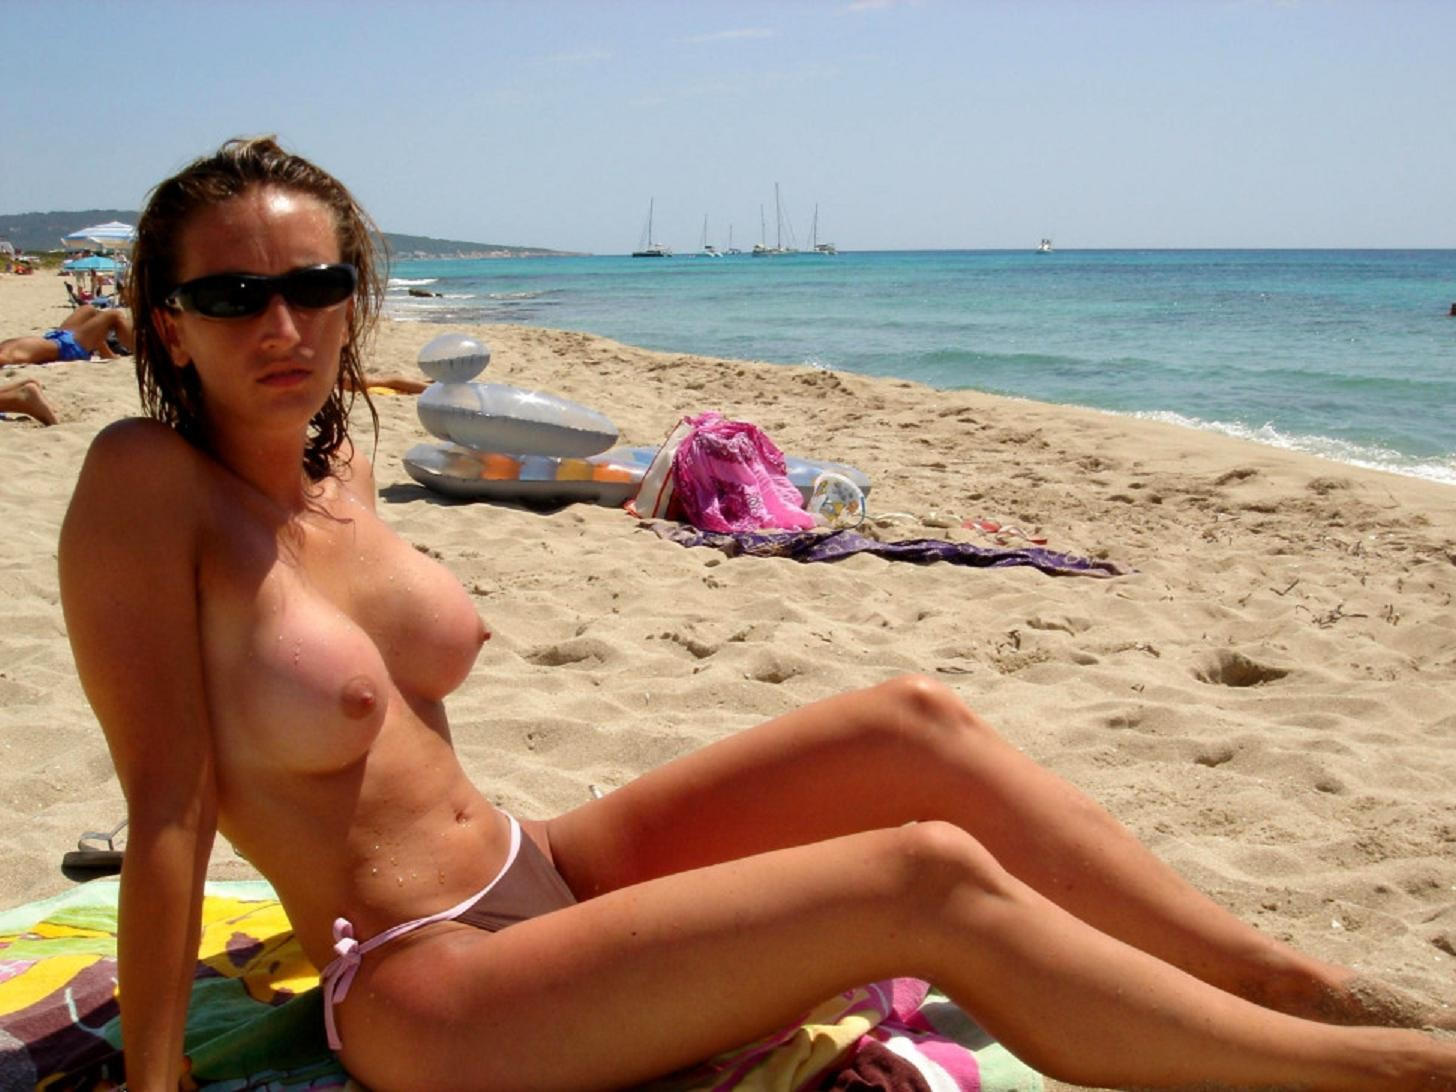 Частные фото женщин на пляже эротика, Голые зрелые женщины на пляже (41 фото) Зрелые 16 фотография